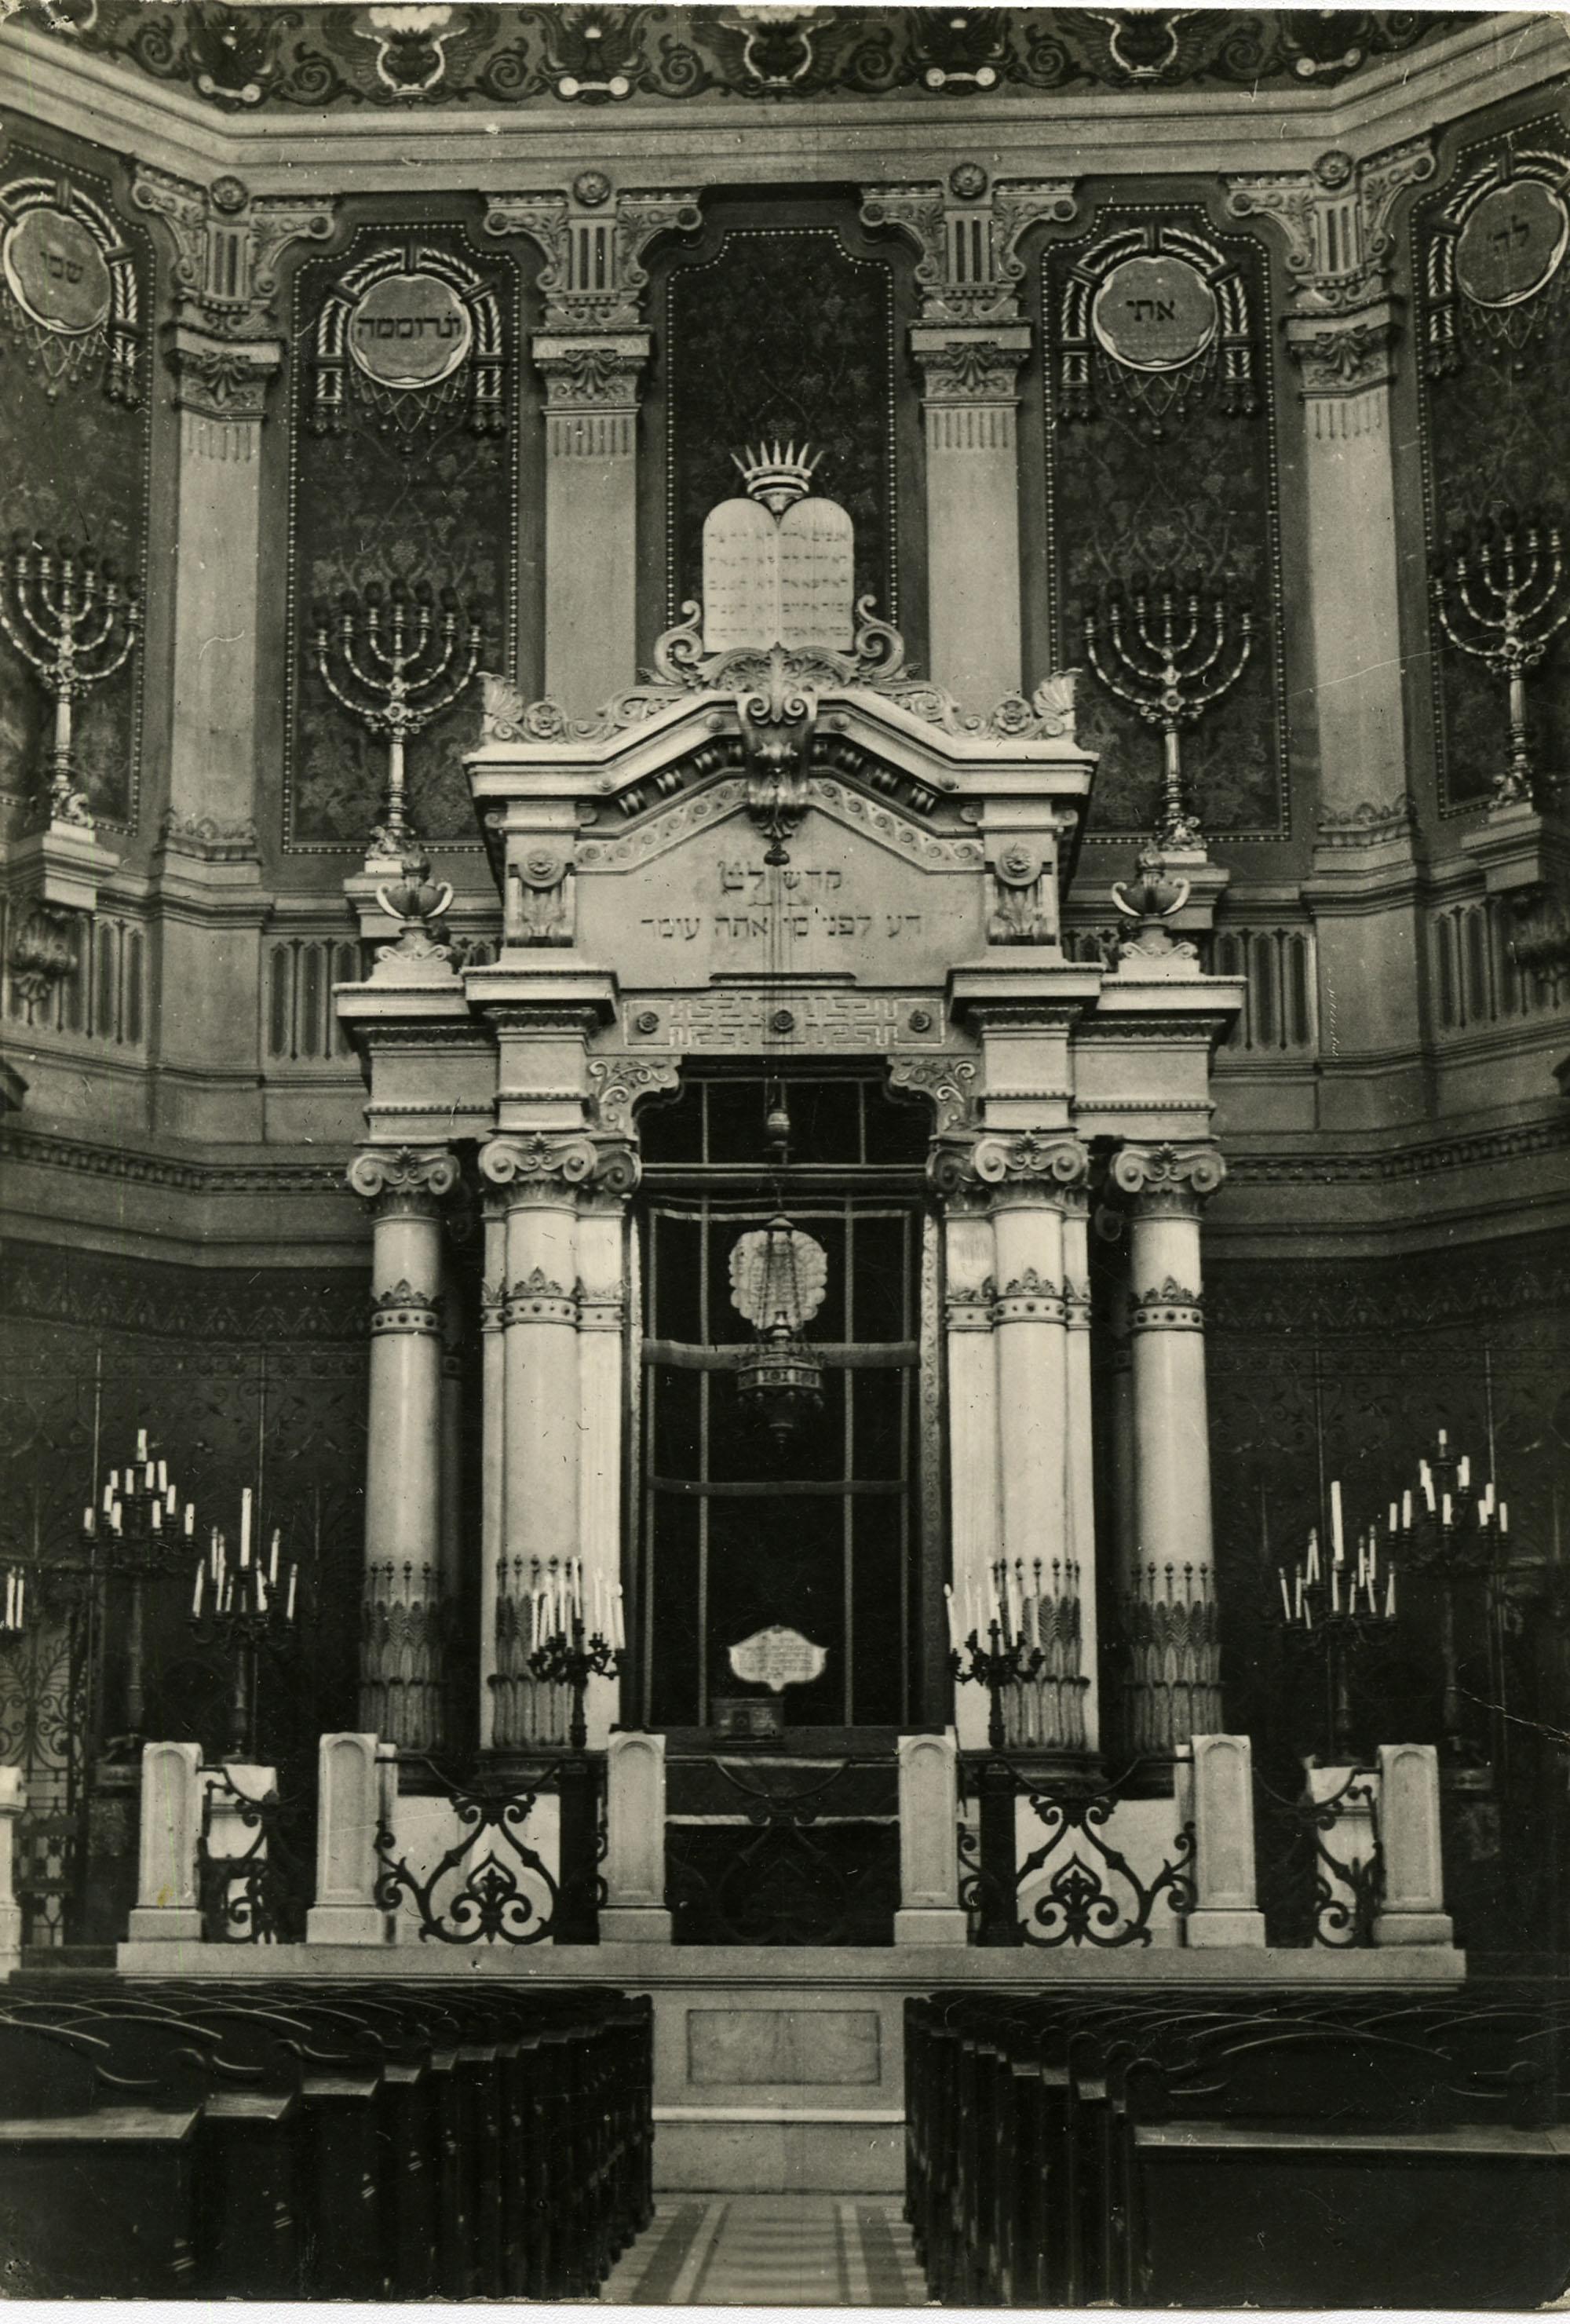 Interno del Tempio Israelitico di Roma